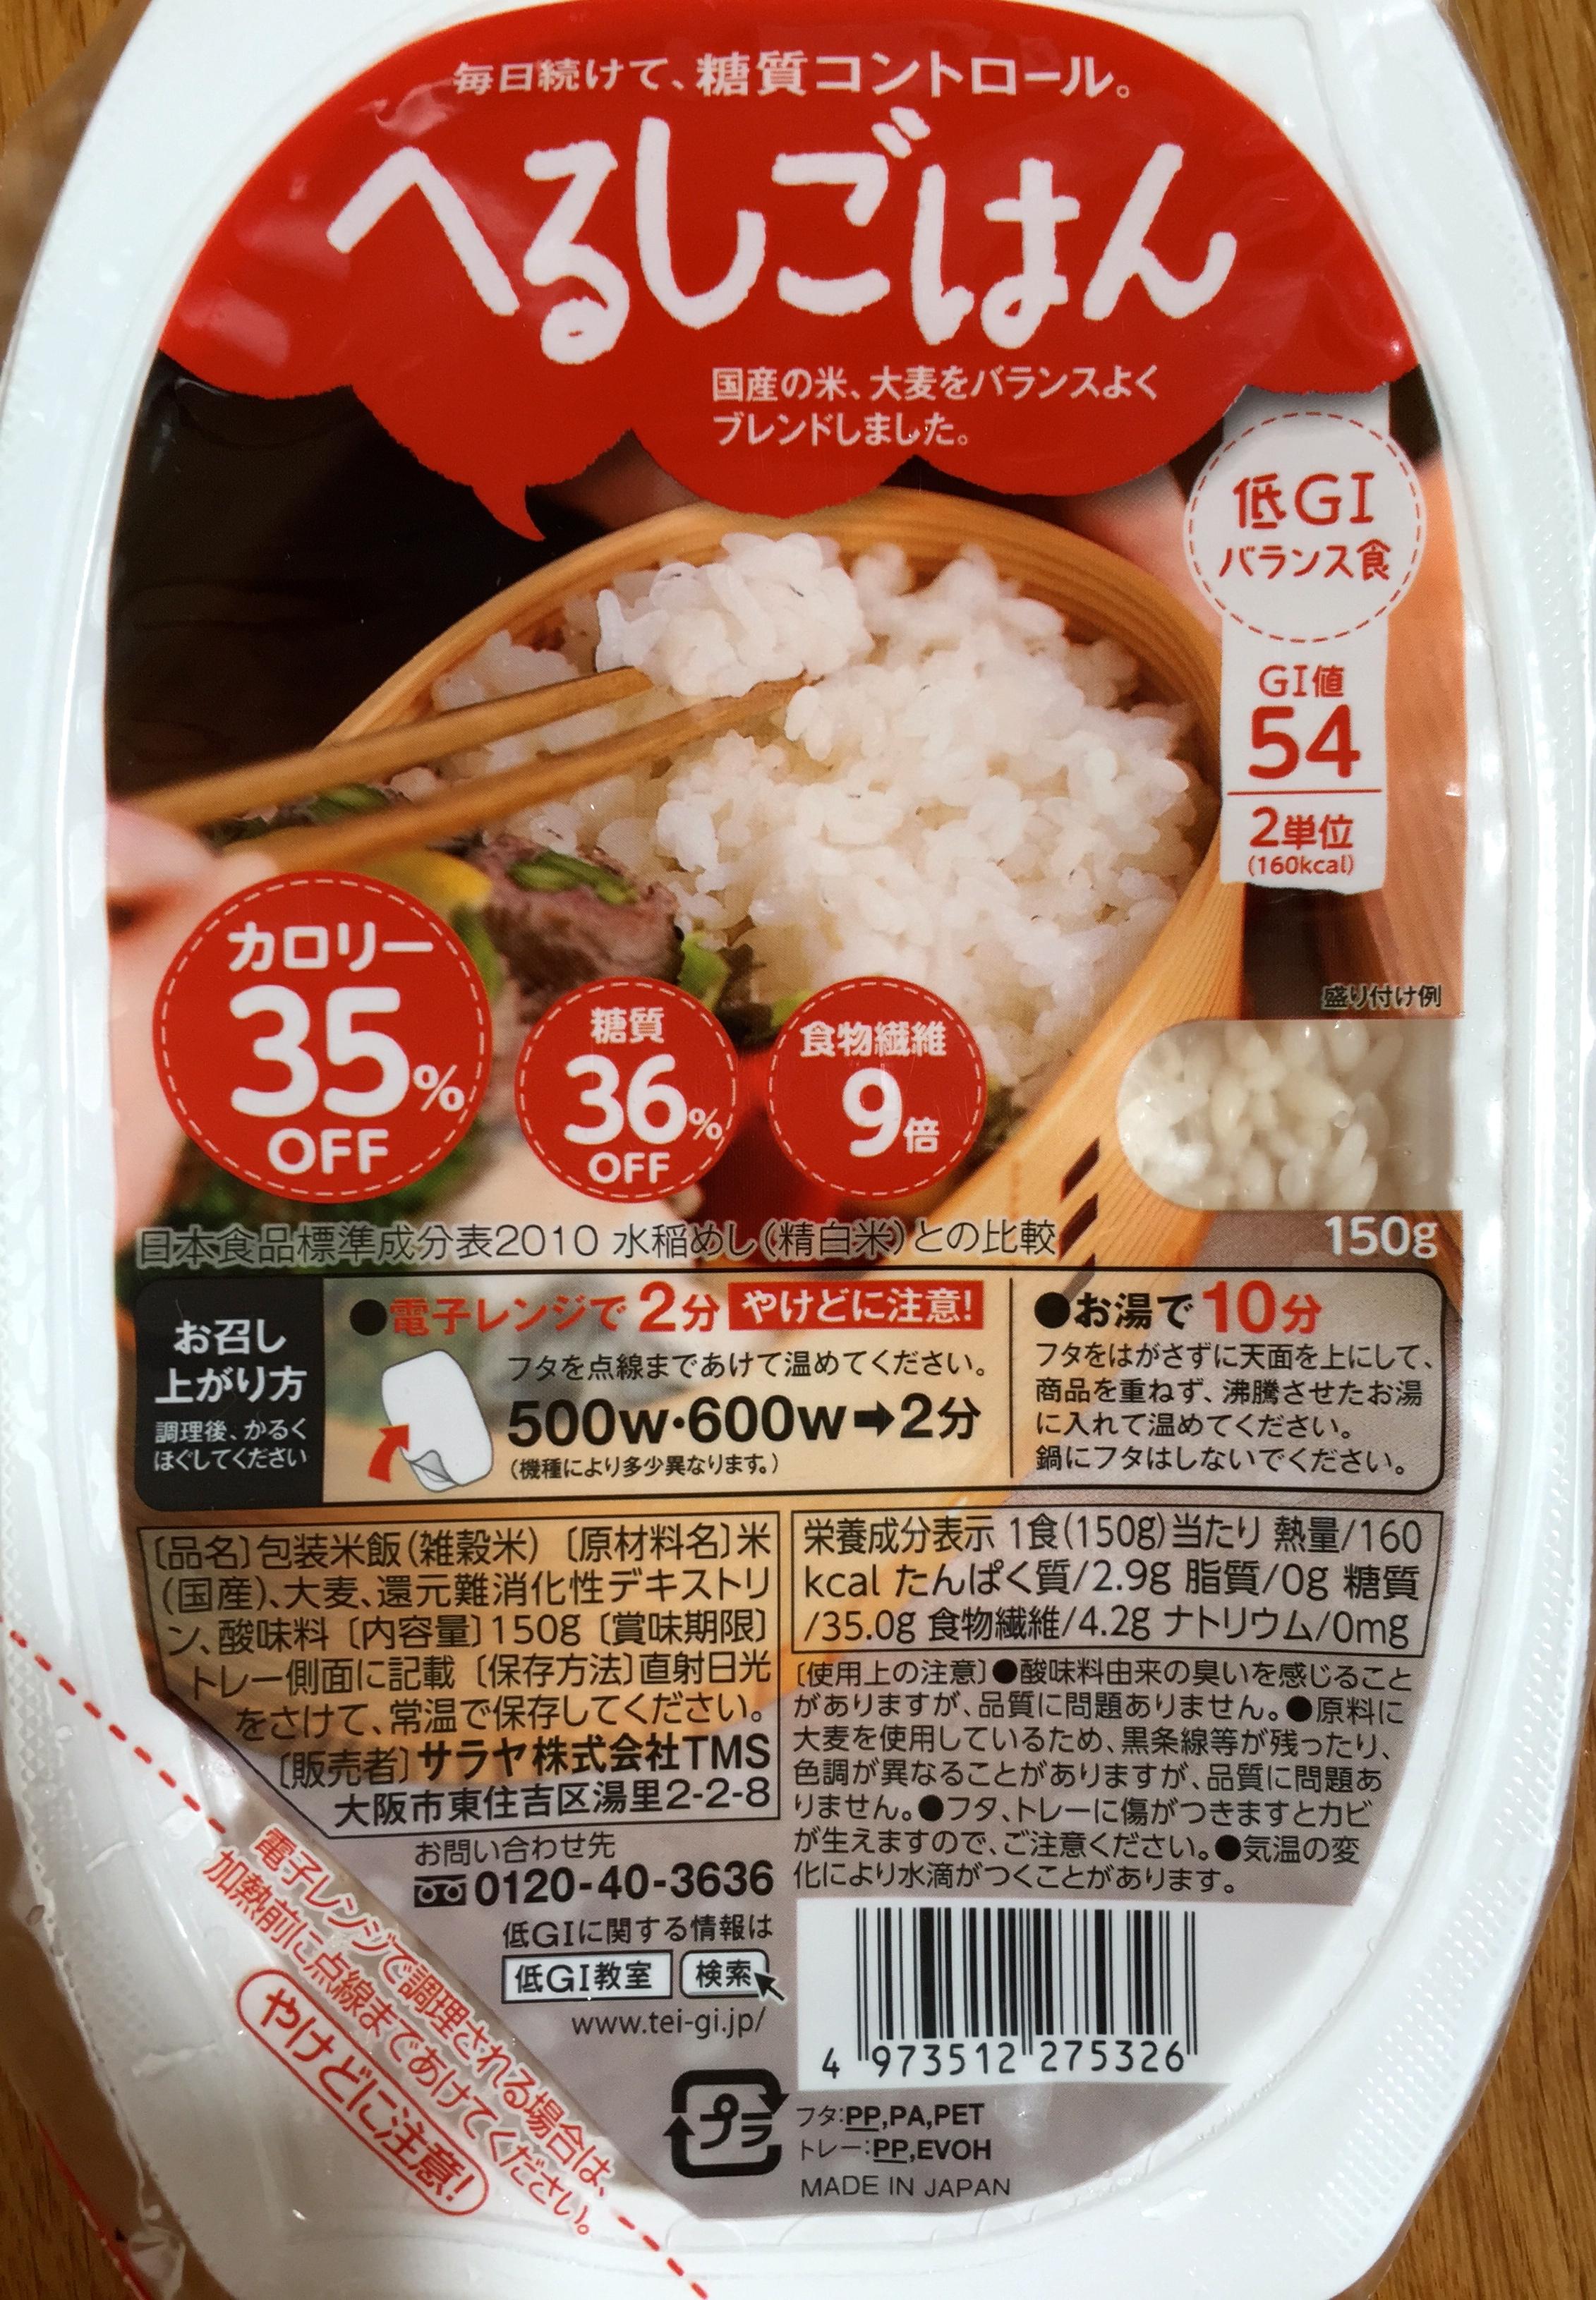 第168回 へるしごはん VS 白米 食後血糖の変化 ①へるしごはん編